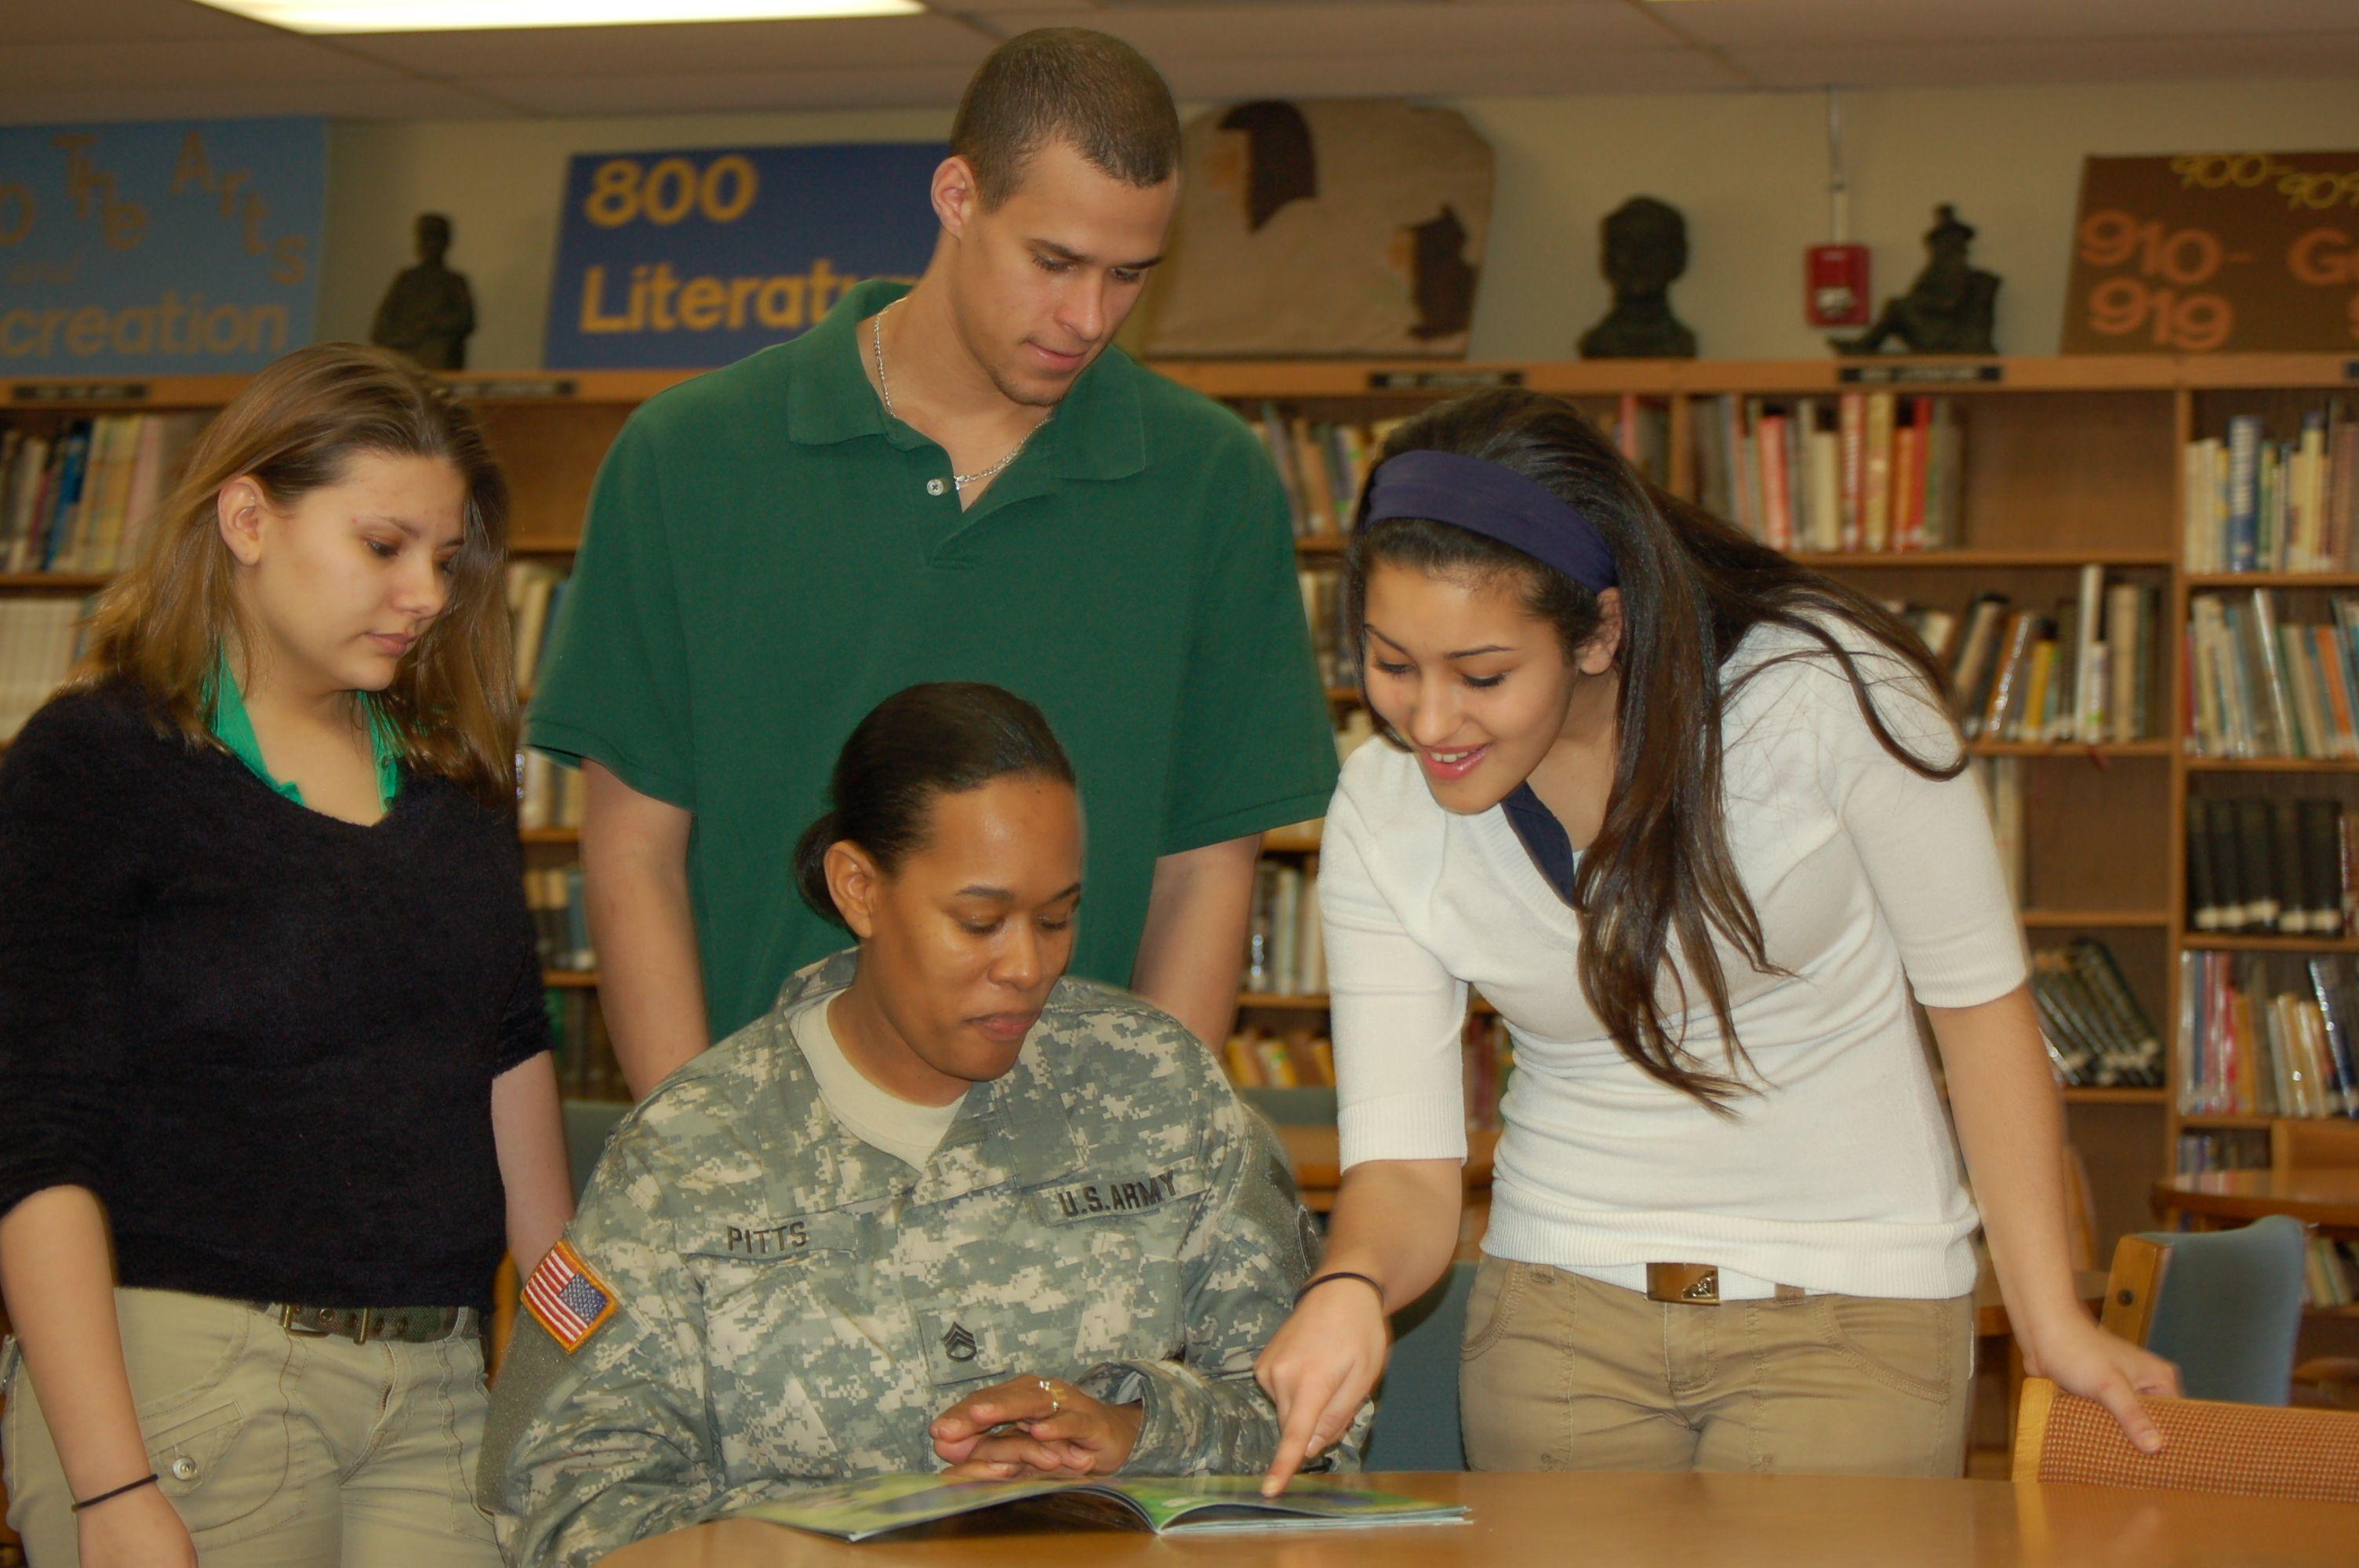 USAREC Recruiter during a school visit